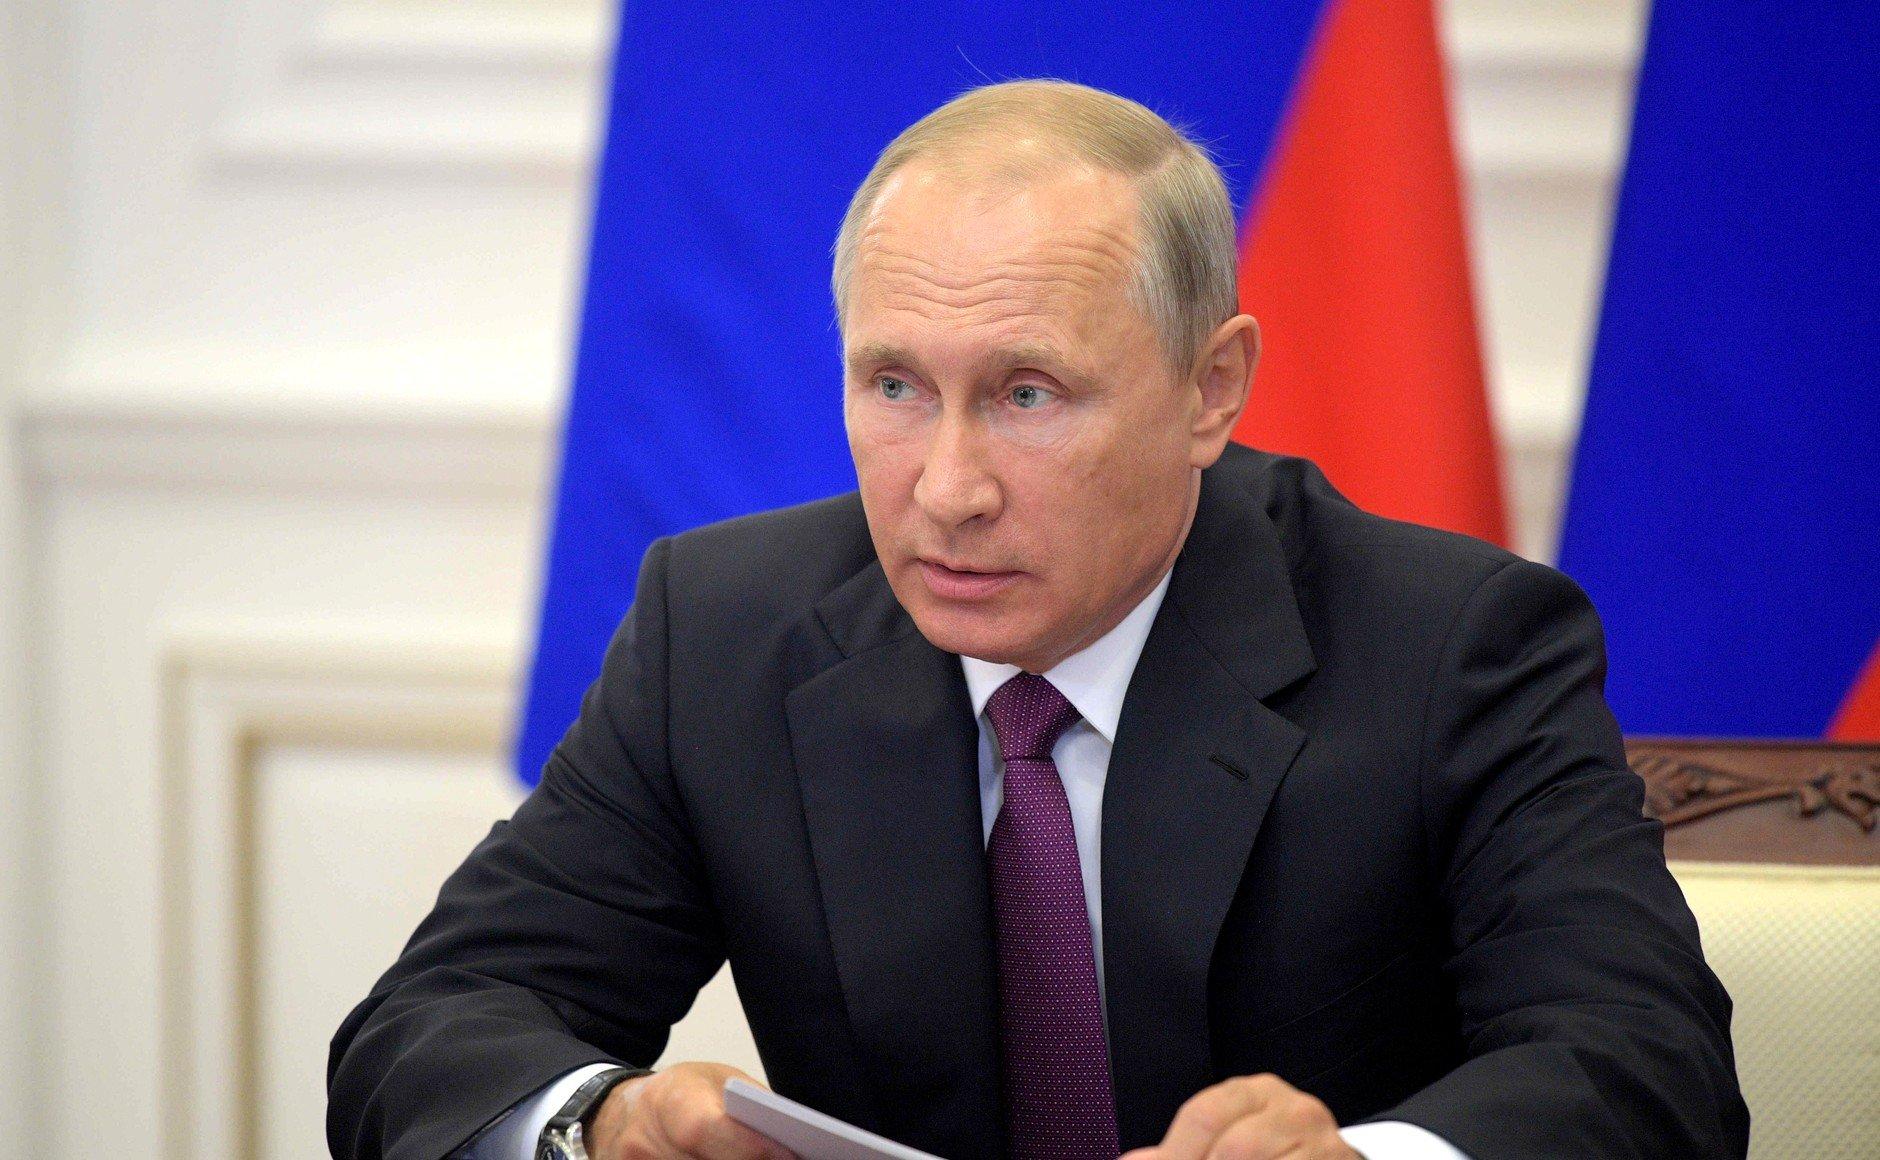 Владимир Путин поручил рассмотреть обращение Игоря Рудени о строительстве Западного моста в Твери